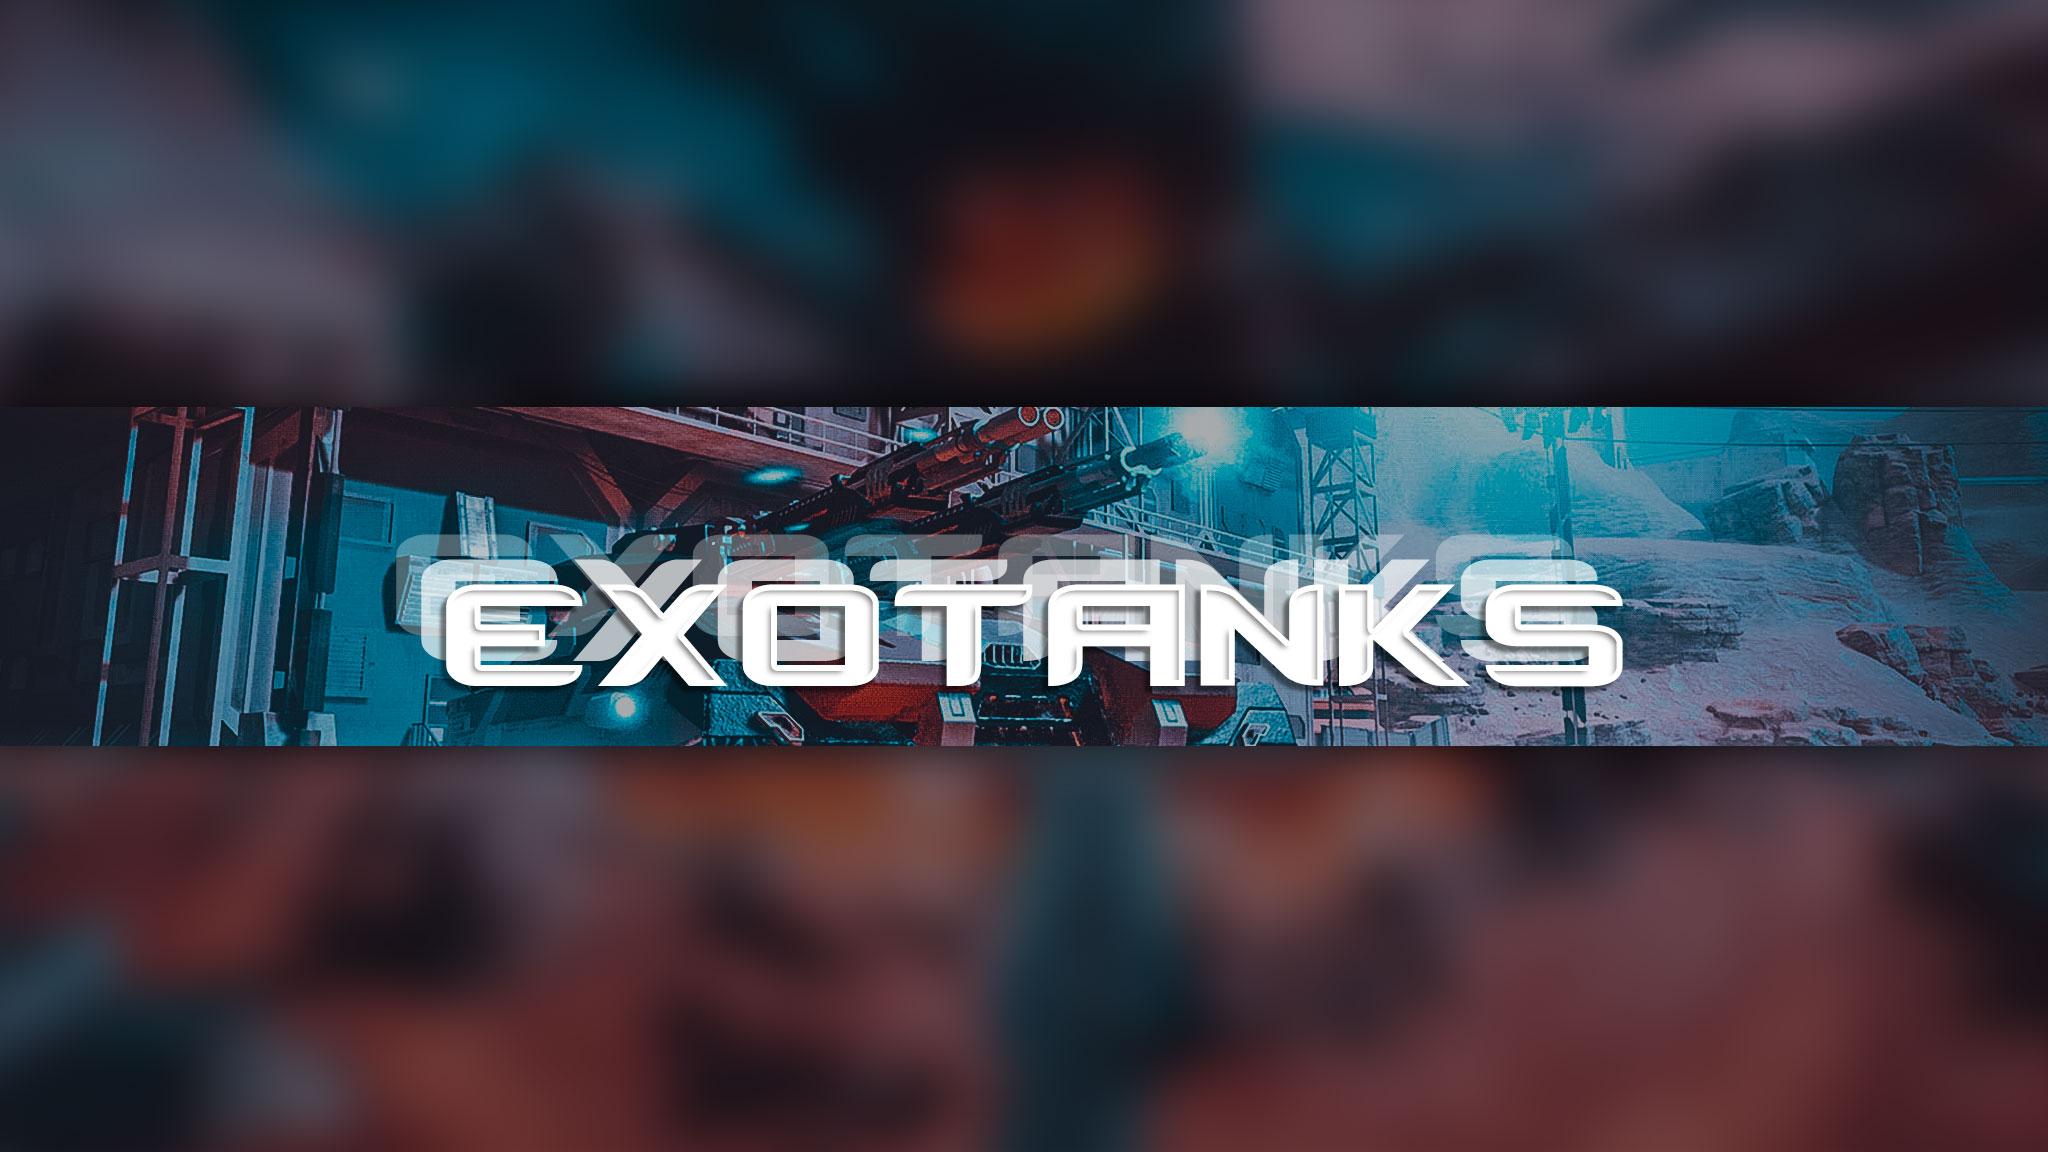 Картинка с текстом - готовая шапка для YouTube по игре ExoTanks на фоне космического пейзажа с пушкой.